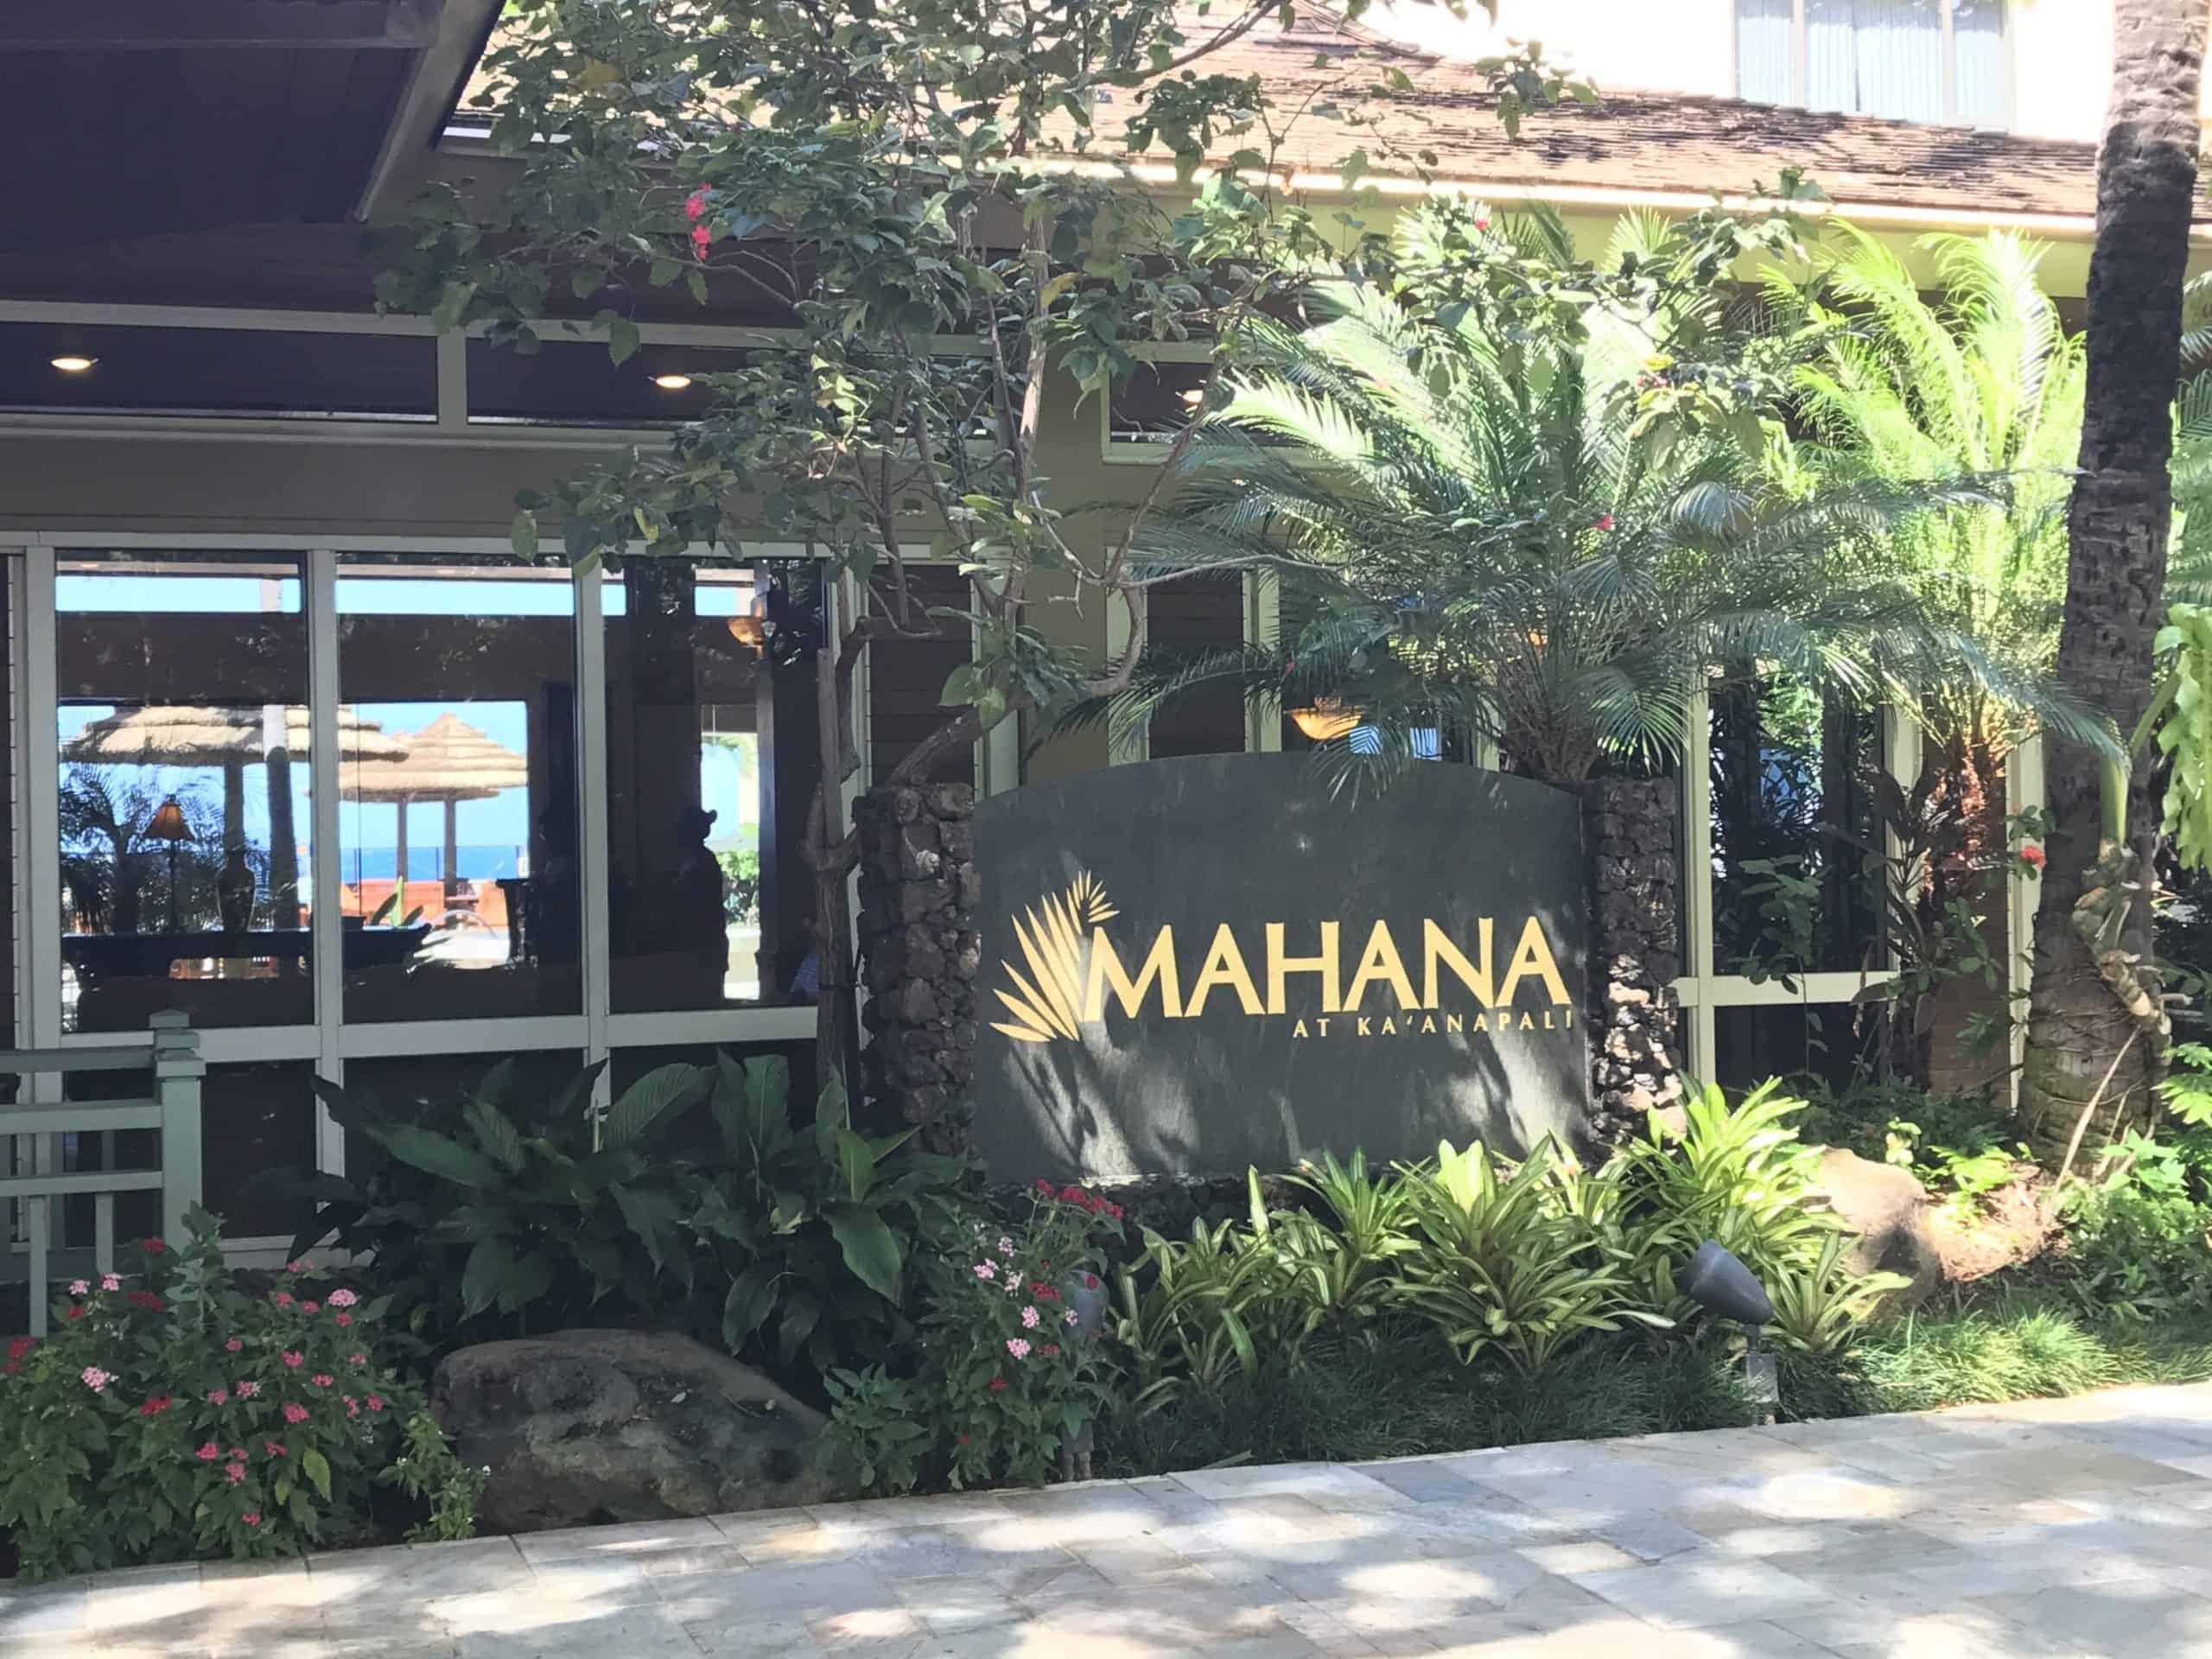 Case Study: Mahana Condos